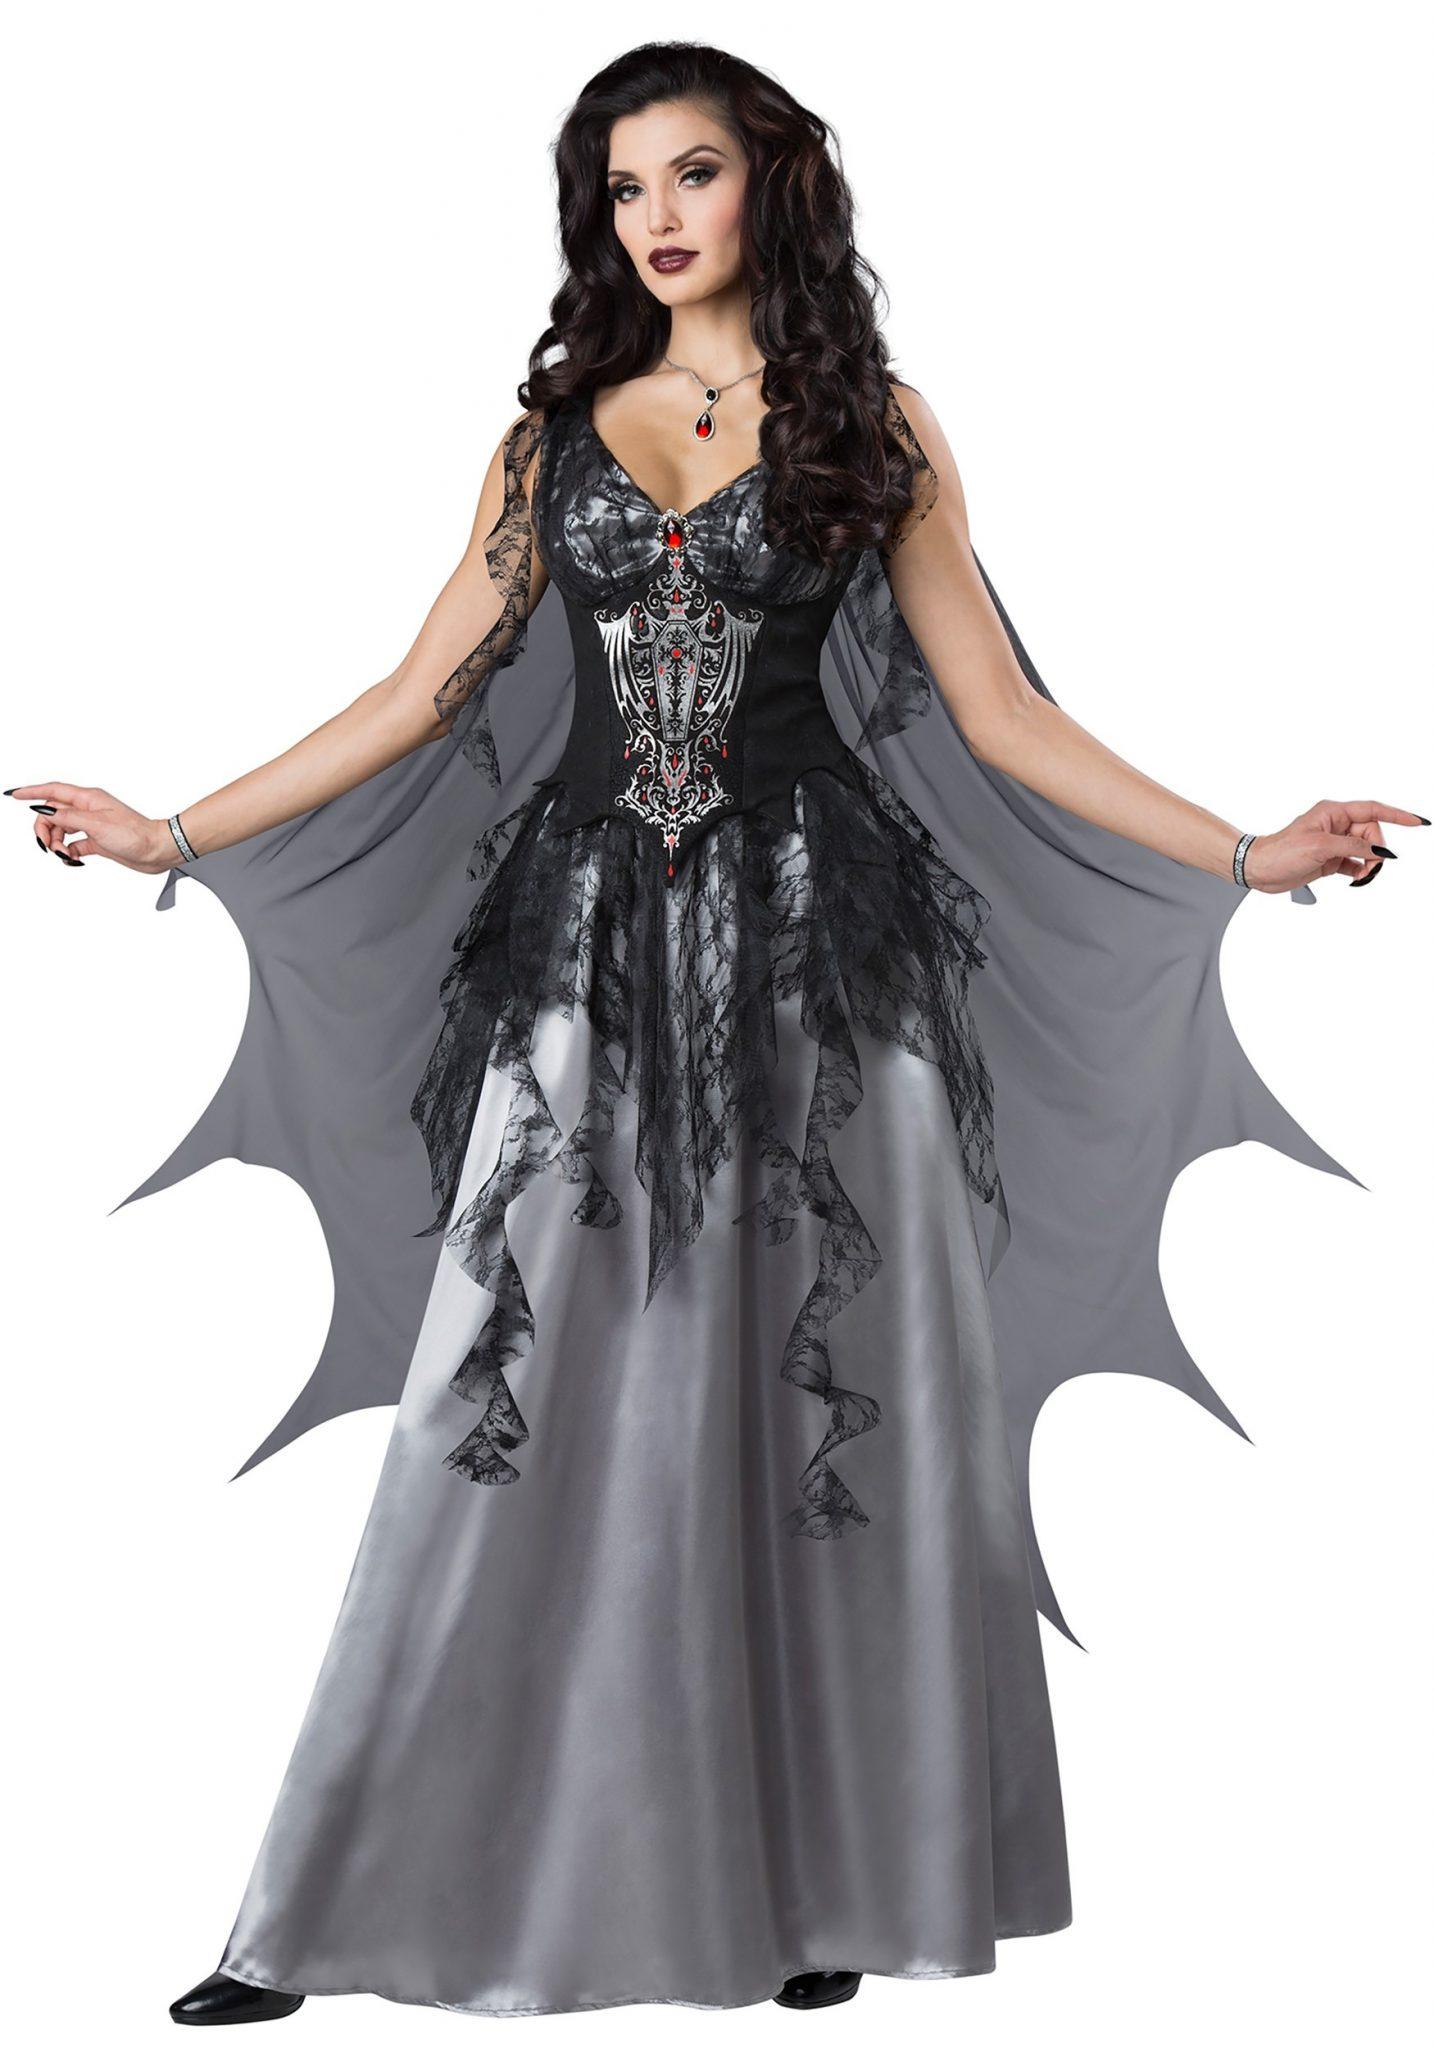 Women's Dark Vampire Countess Costume - FOREVER HALLOWEEN